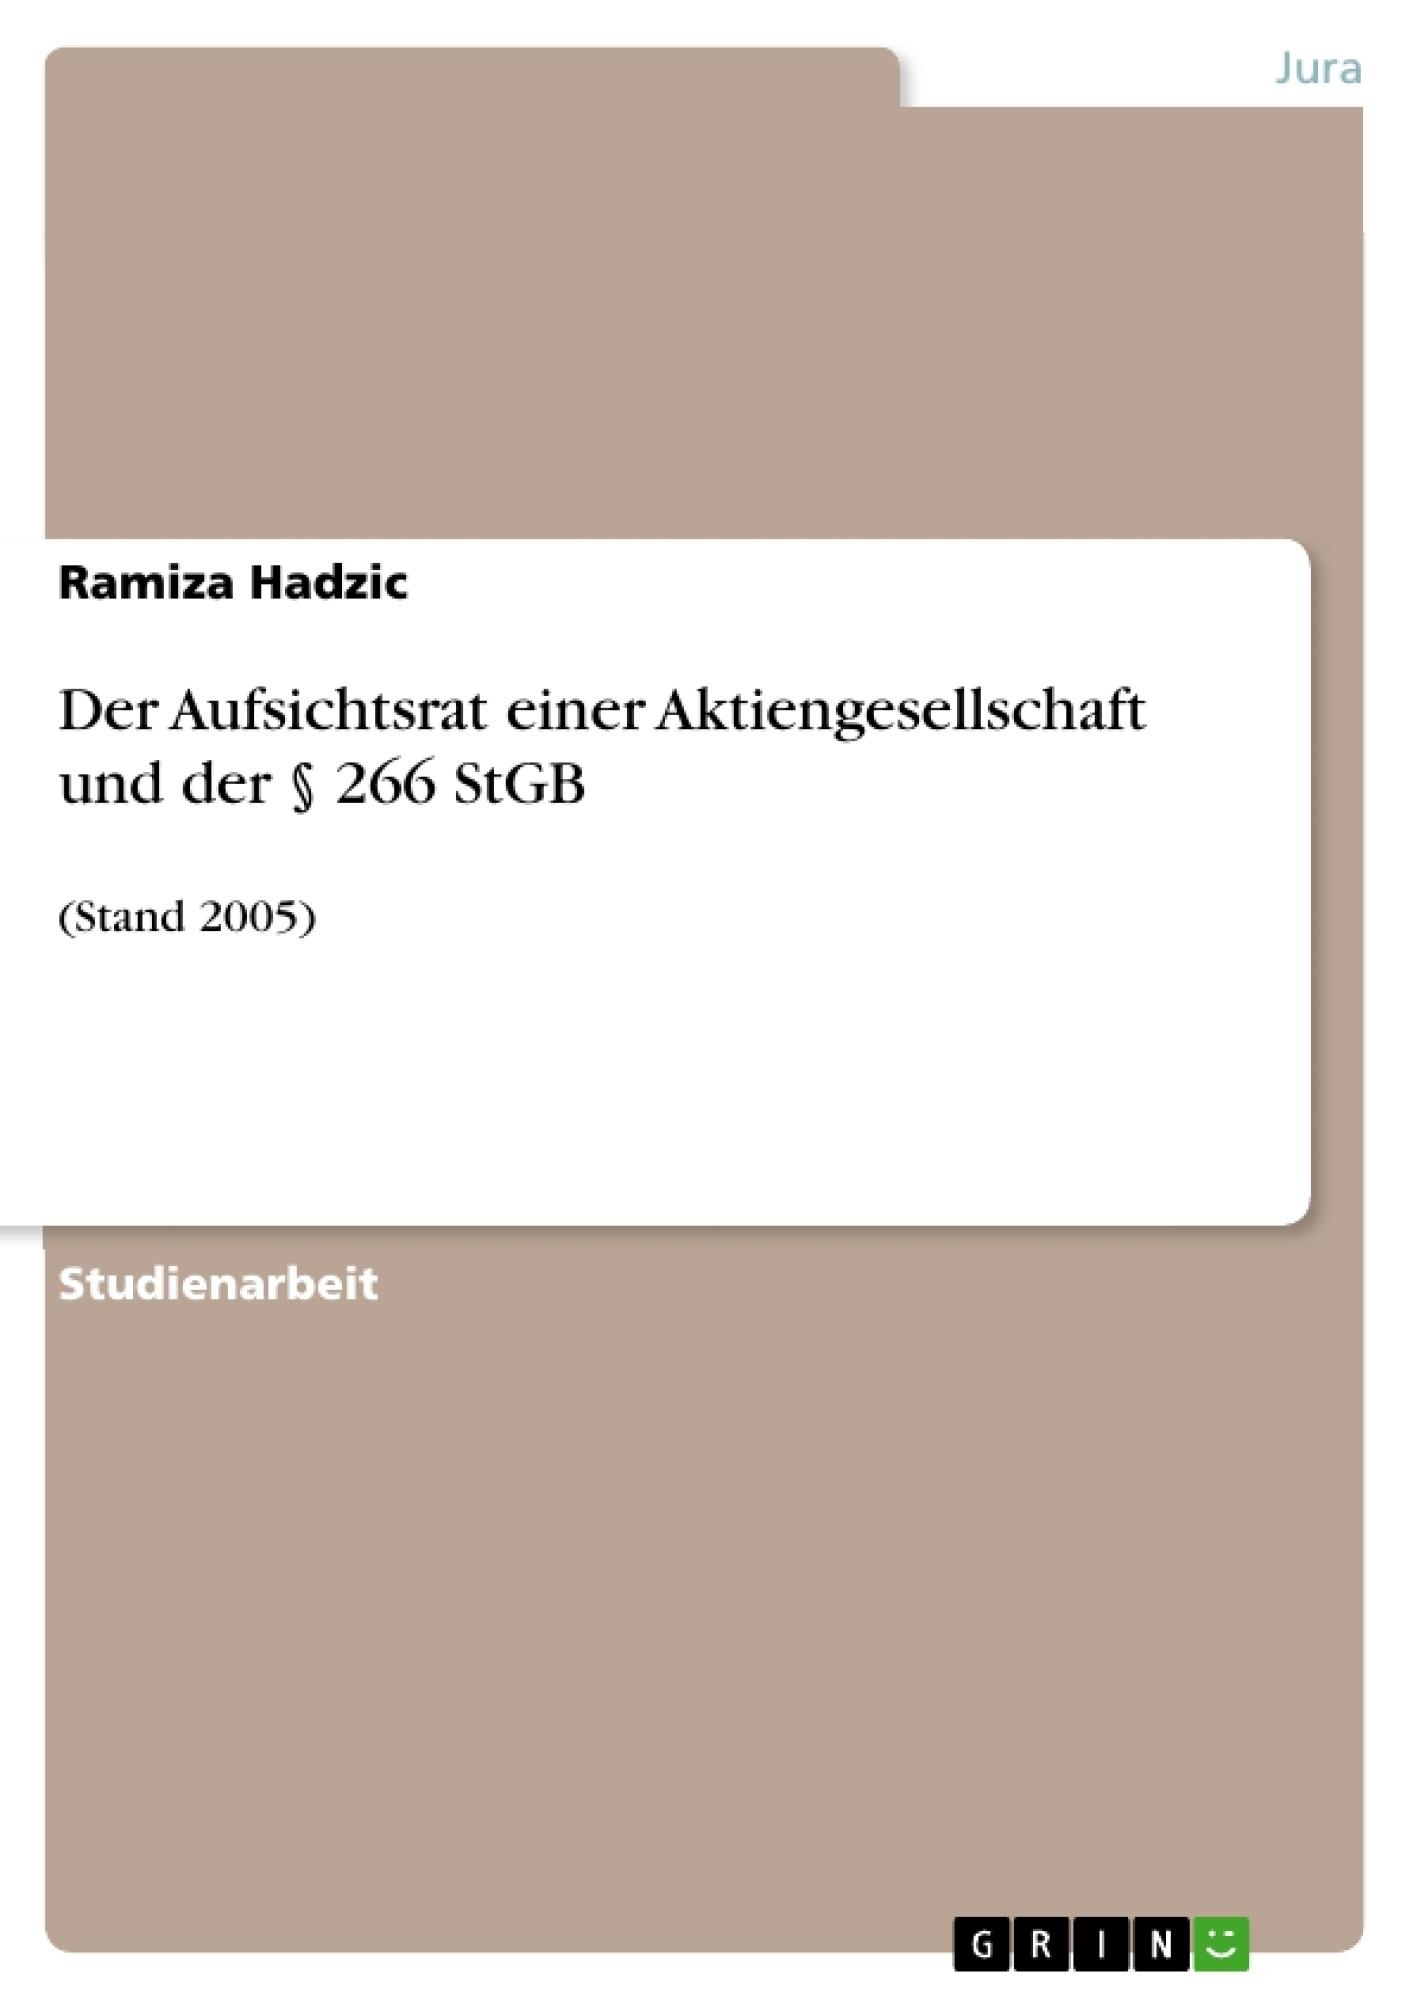 Titel: Der Aufsichtsrat einer Aktiengesellschaft und der § 266 StGB